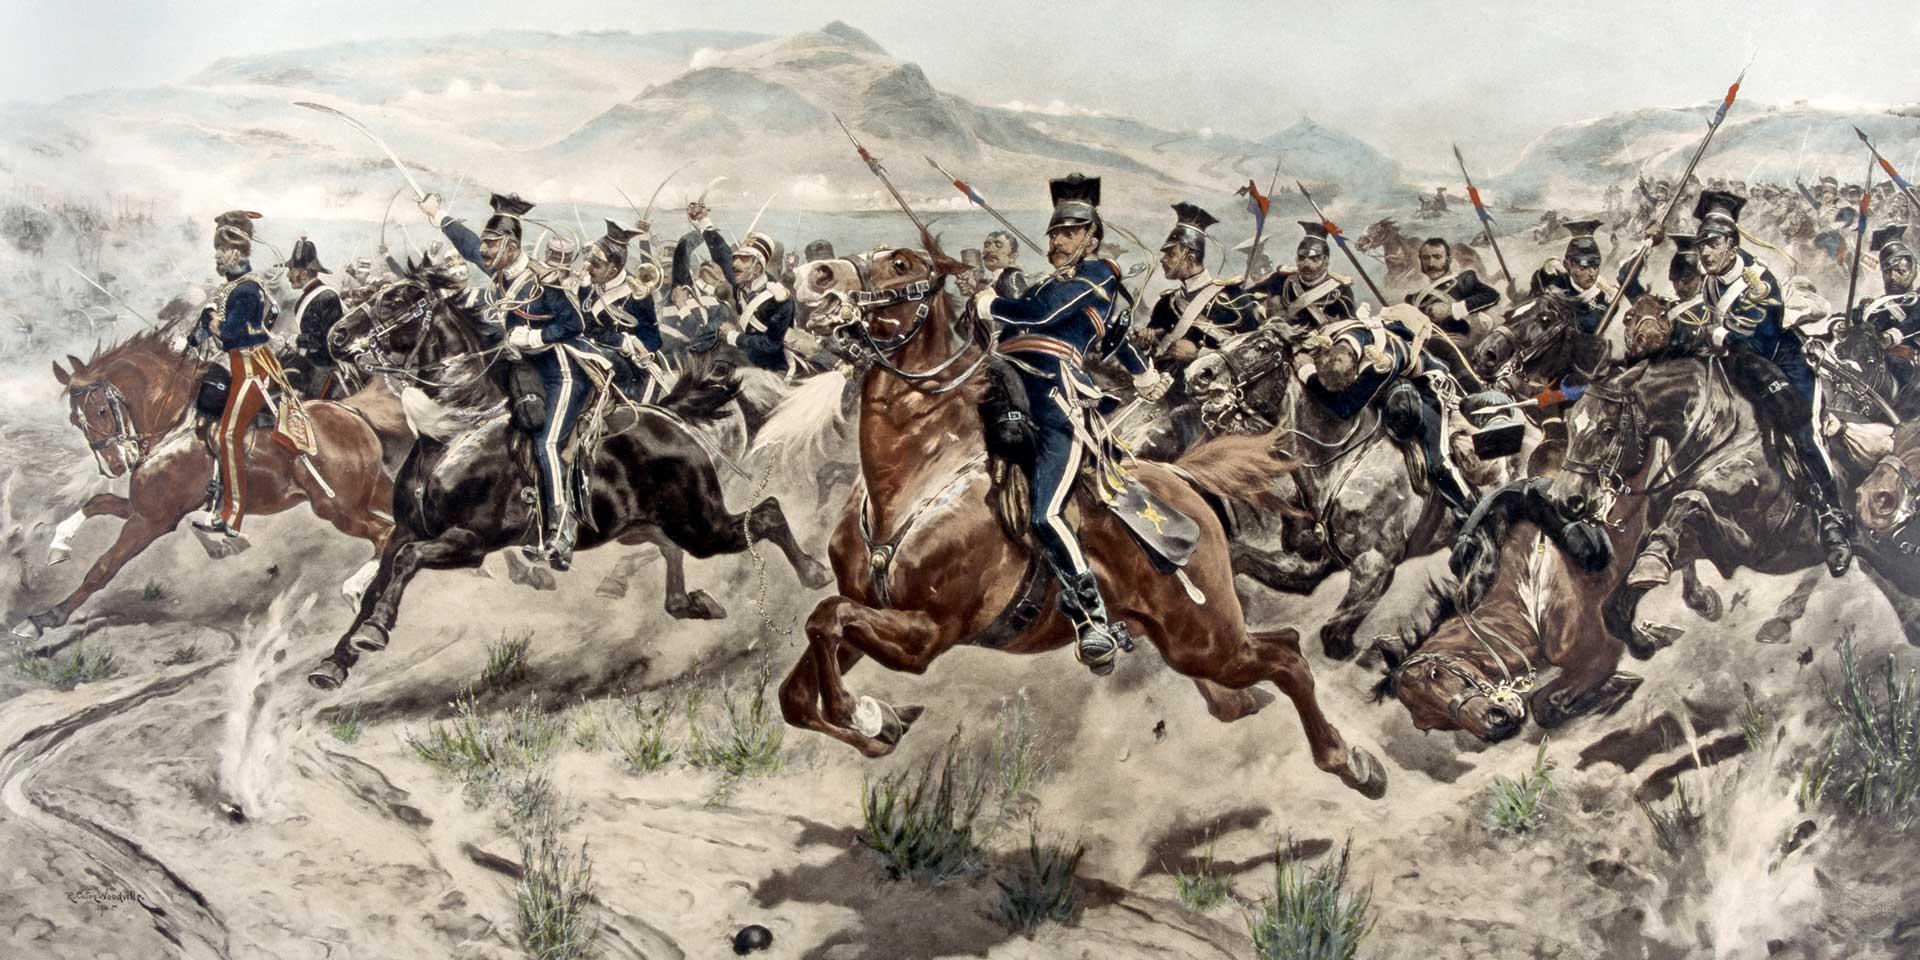 The 17th Lancers at Balaklava, 1854